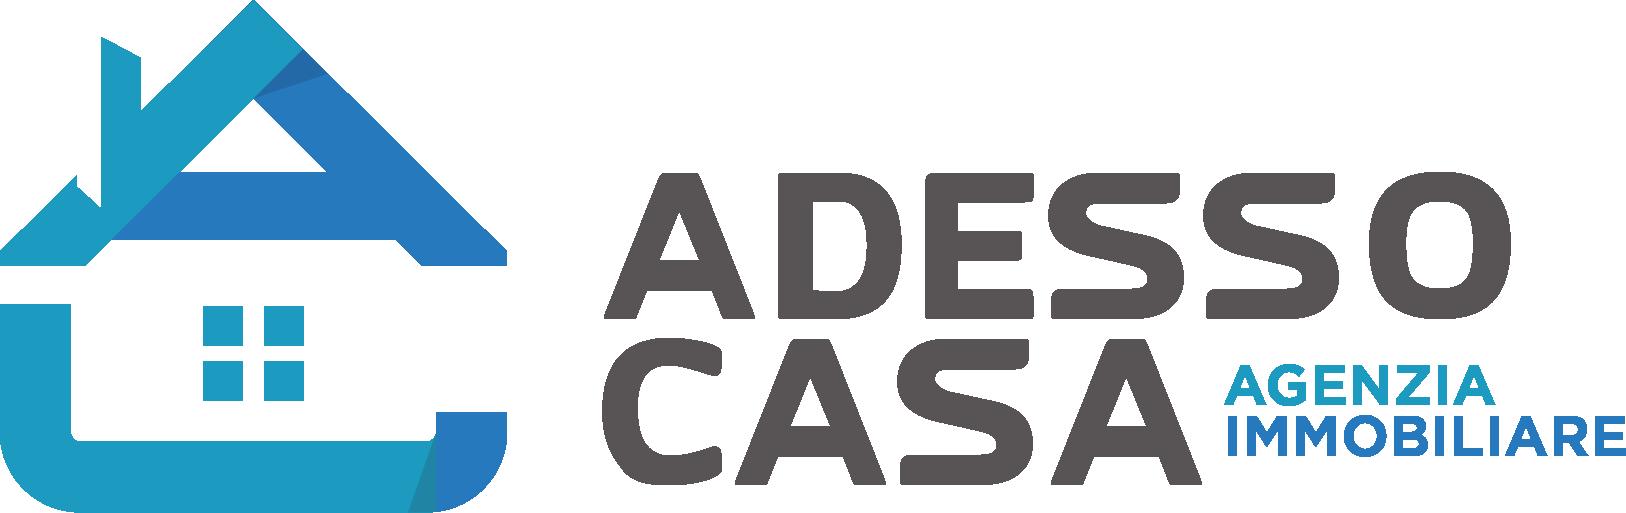 ADESSOCASA.EU